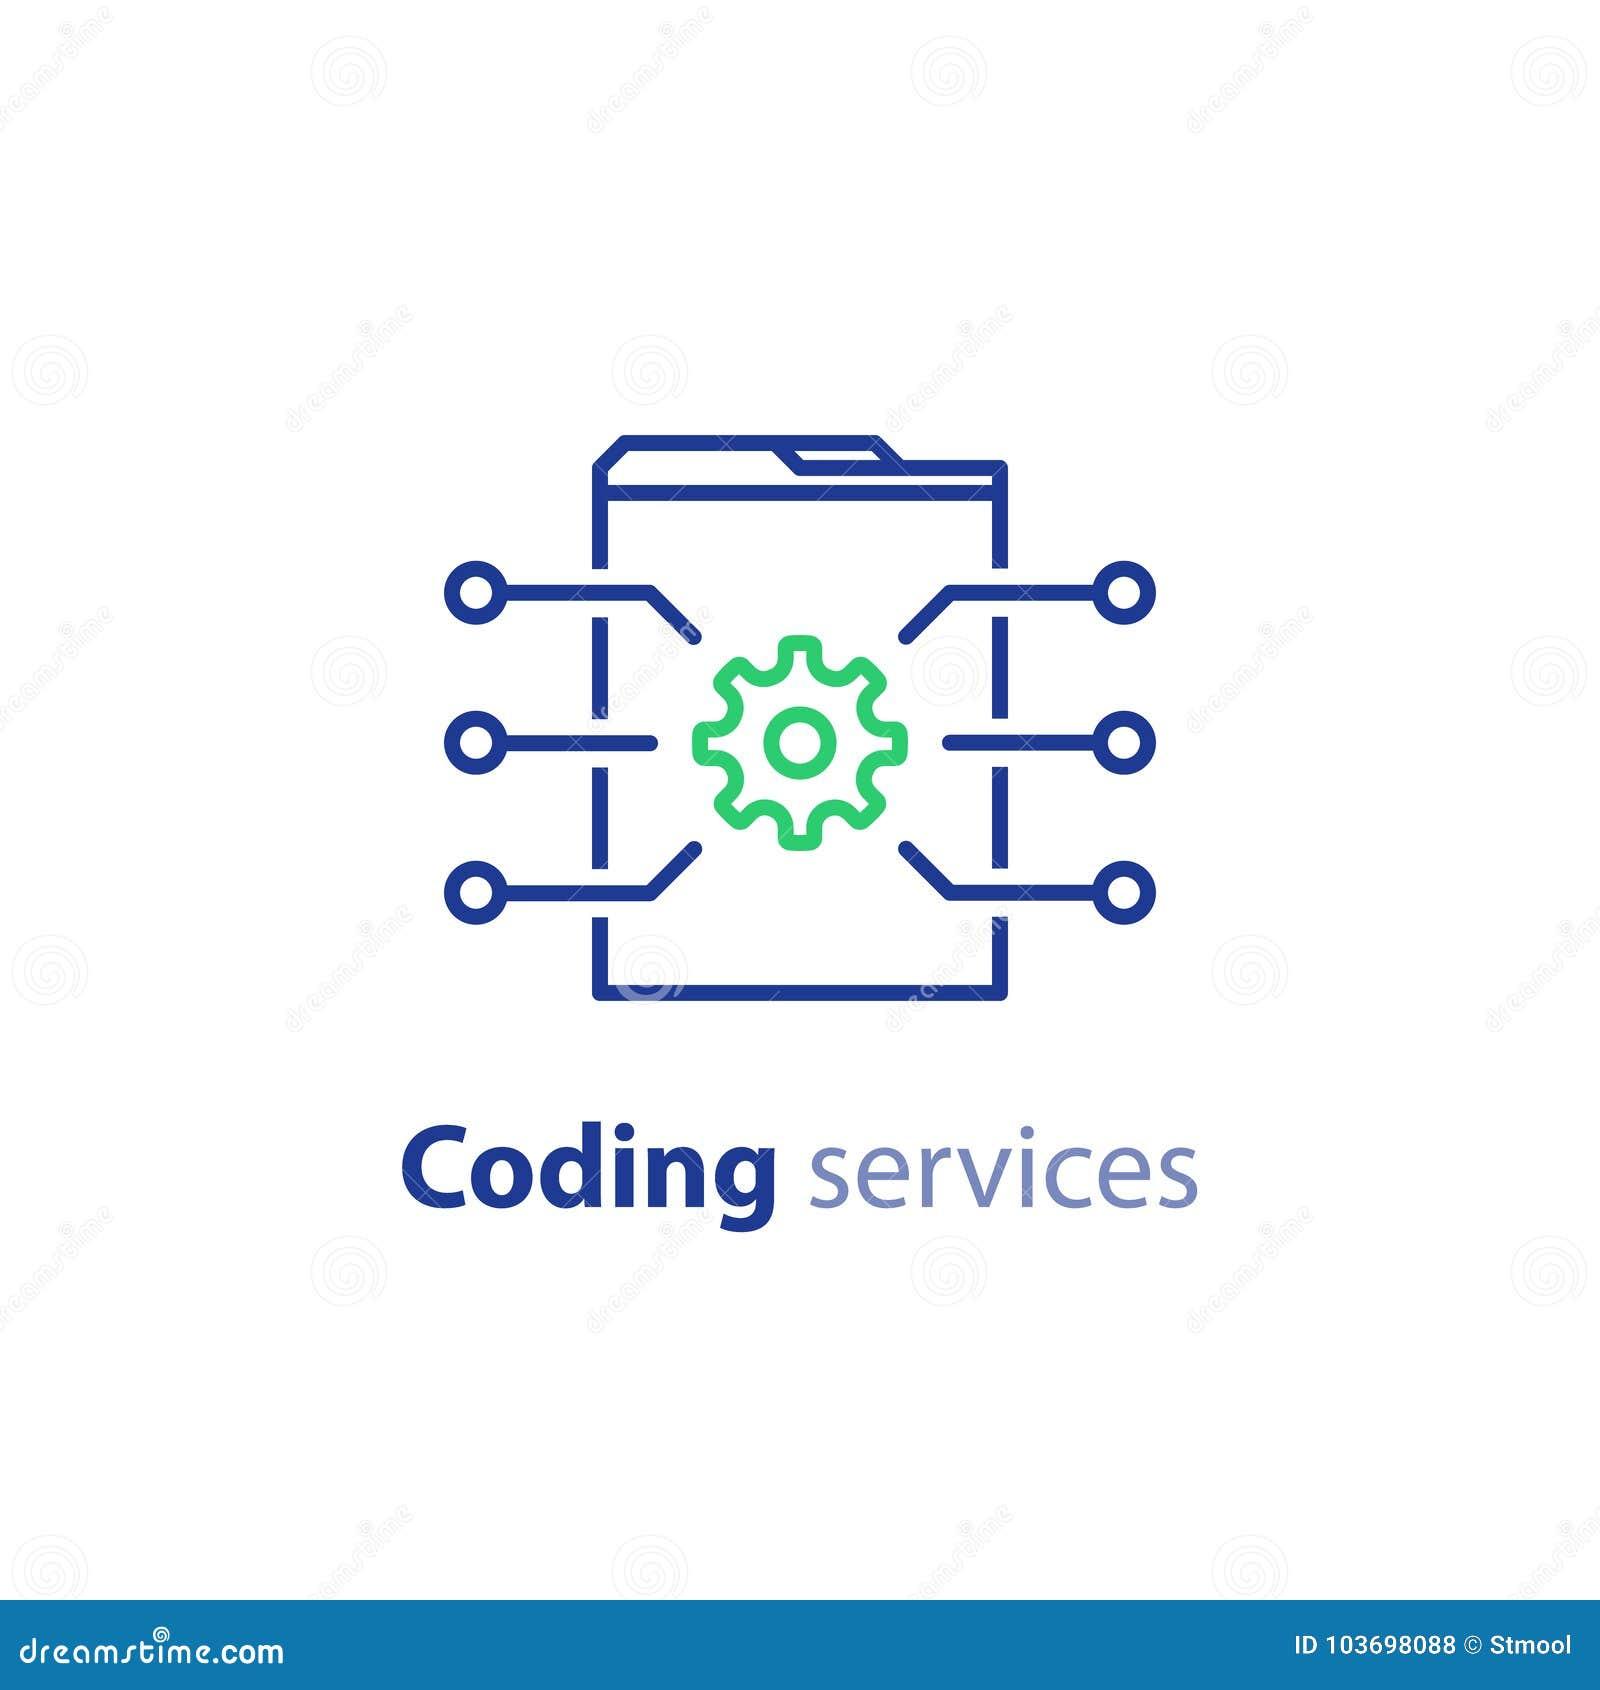 软件开发,互联网技术,编码服务,创新概念,网站设计,管理,冲程象